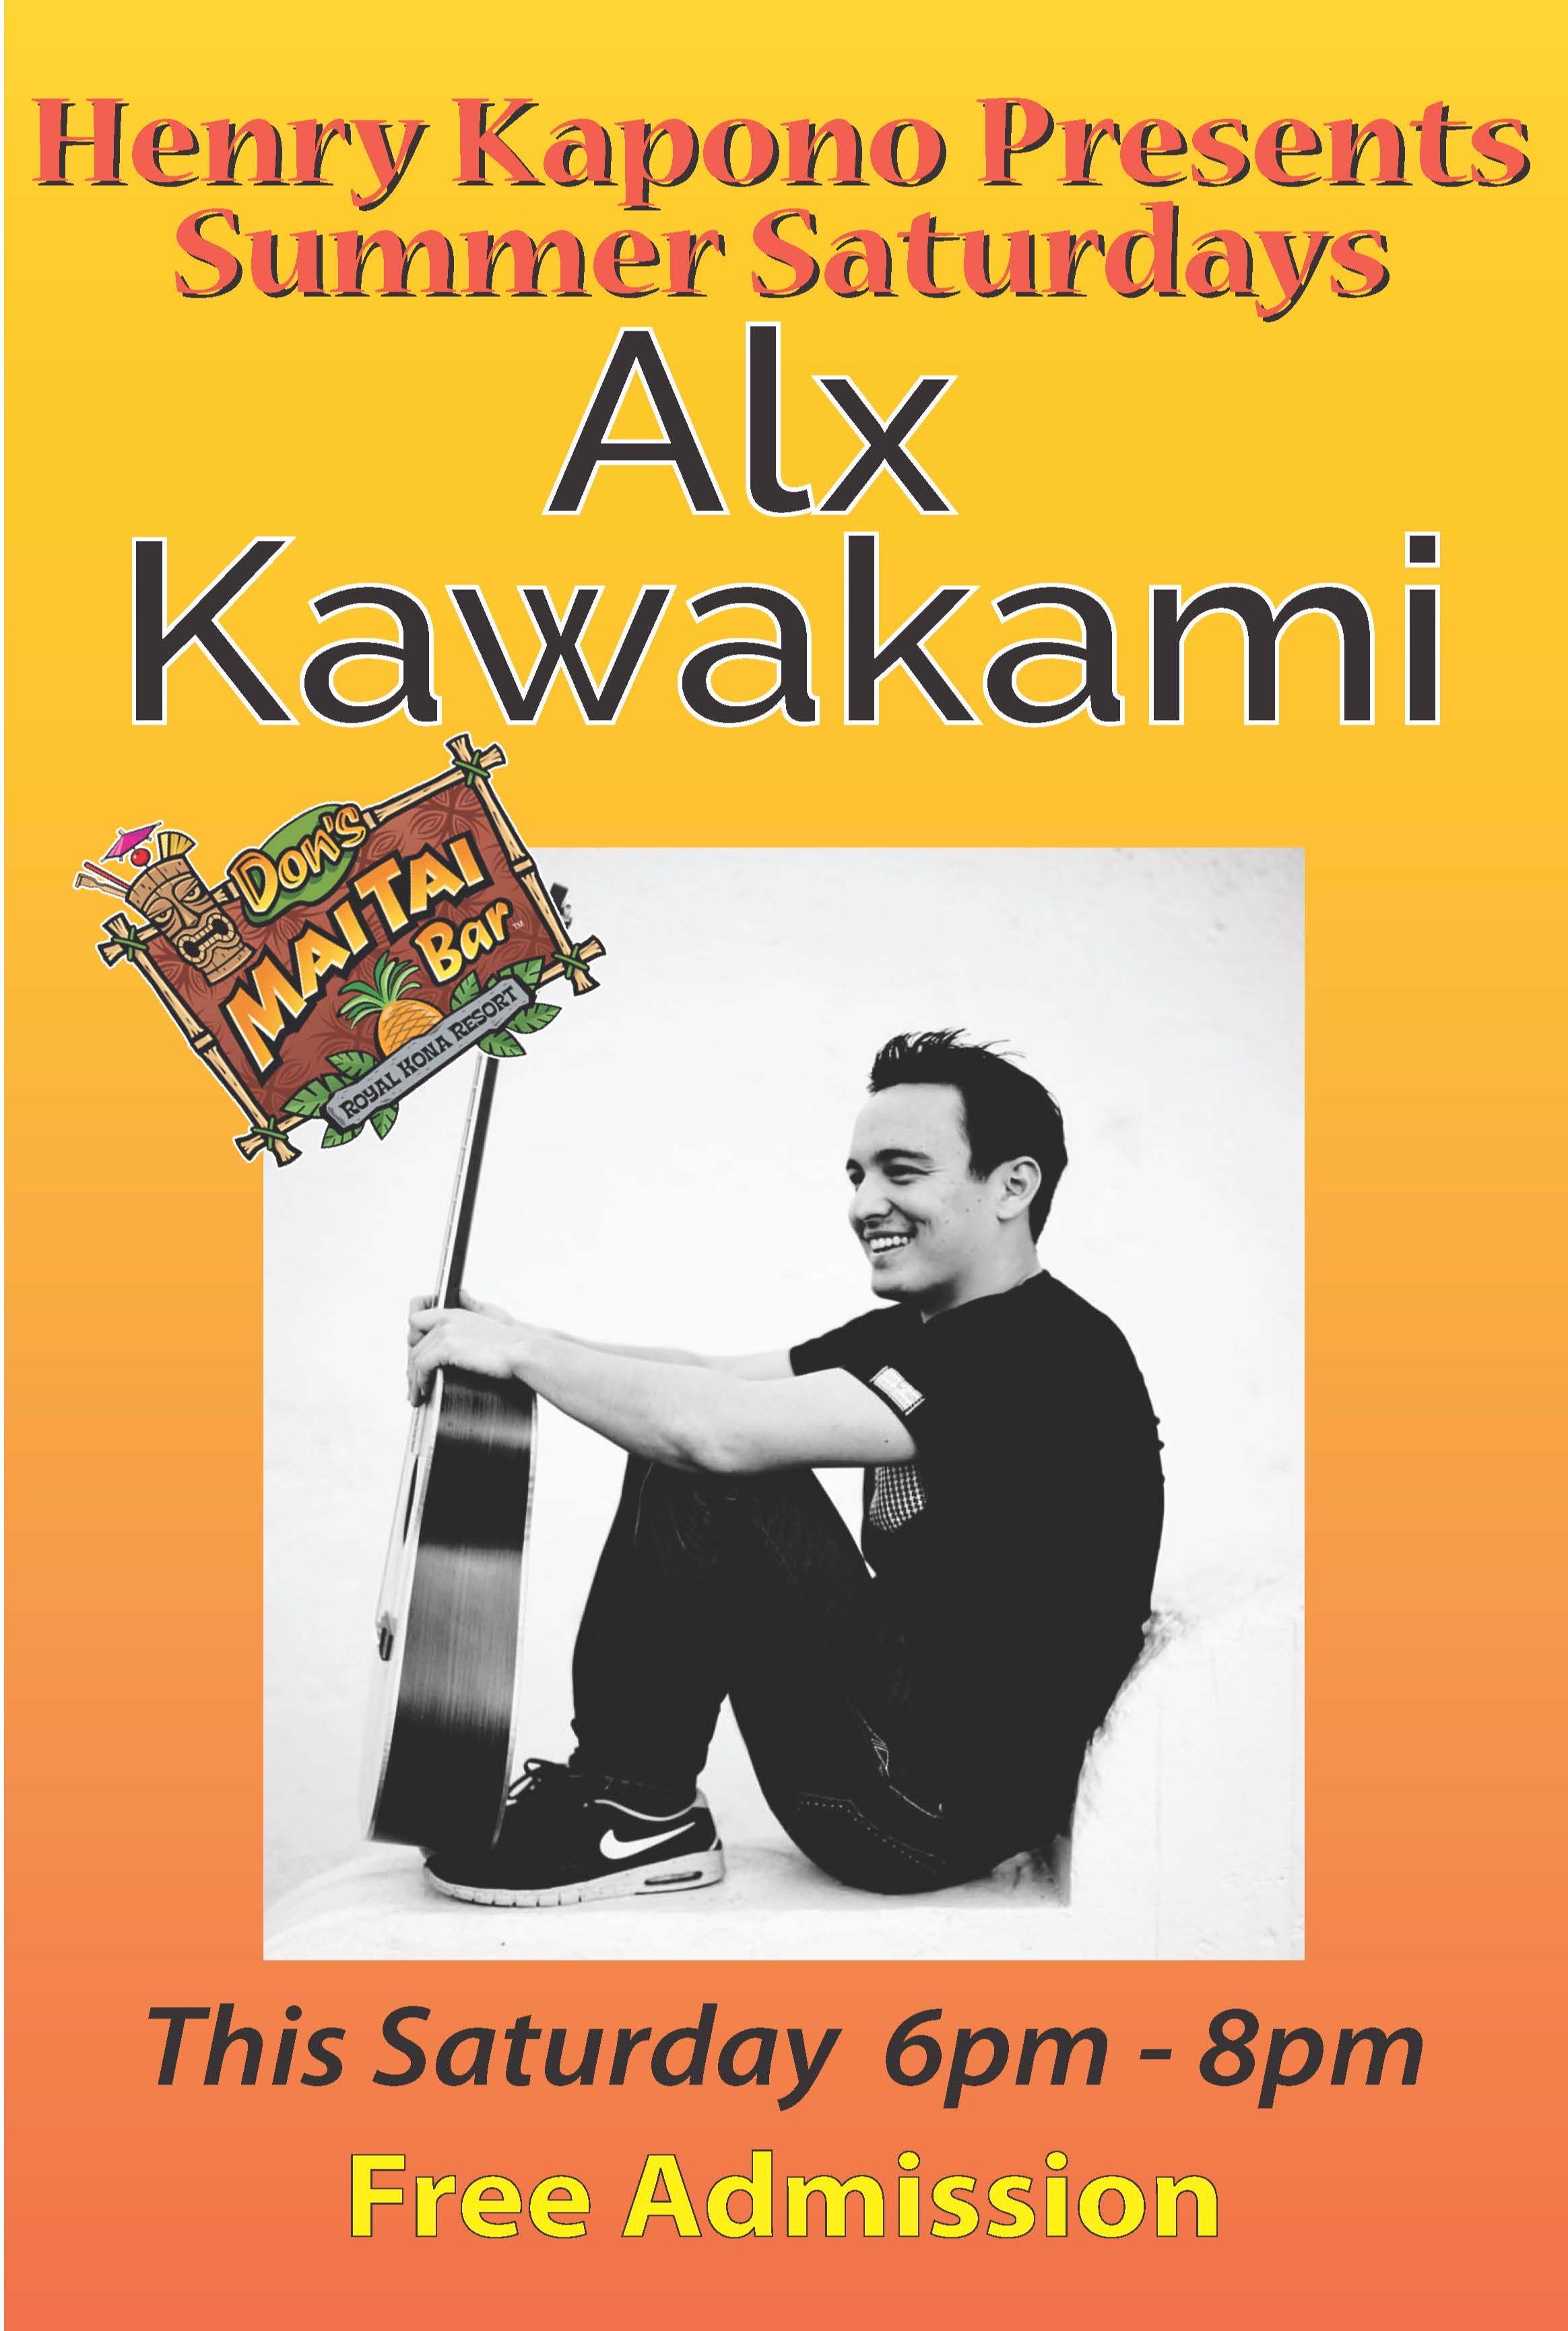 RKR_SUMMER_SATS_-alx-kawakami-this-saturday-24x36+%28003%29+%28deleted+7981eb039dd003610ca72f0a0c33dfca%29.jpg